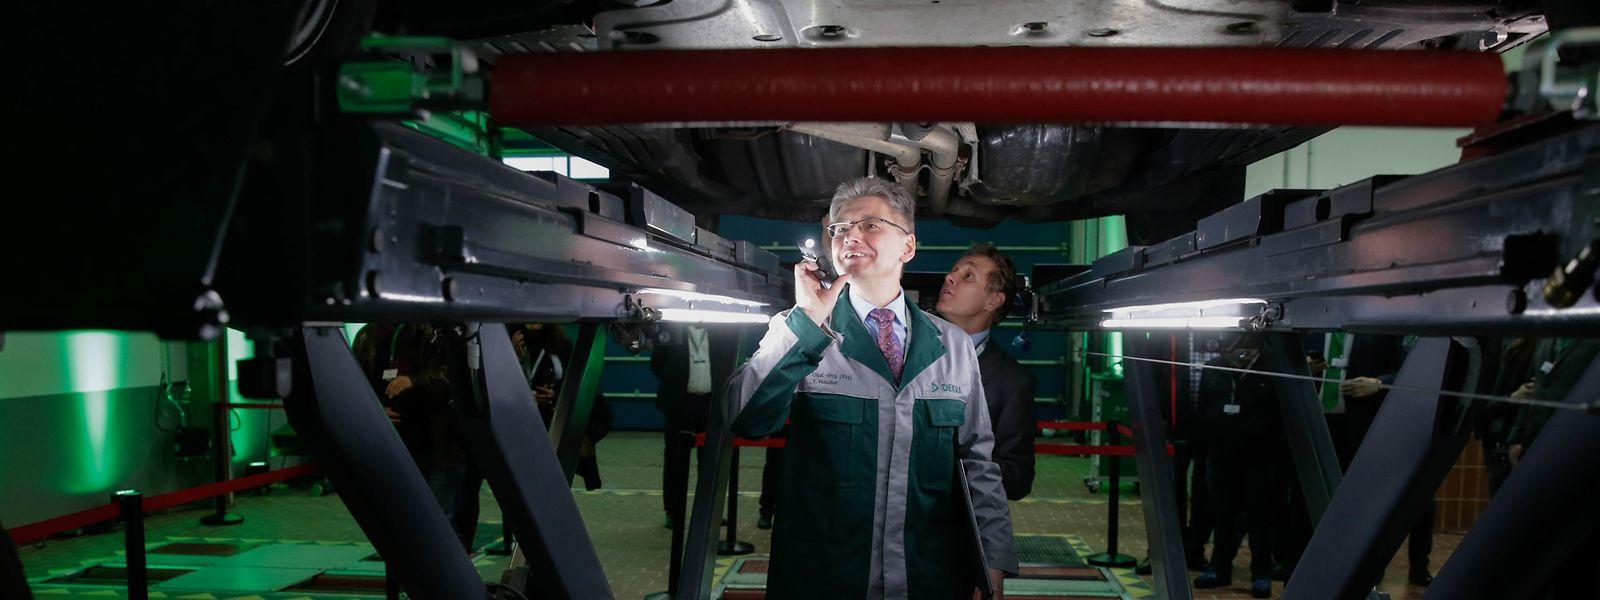 89% des véhicules immatriculés au Luxembourg sont des véhicules de la catégorie Ml (voitures) et Nl (camionnettes} soumis au contrôle technique périodique.